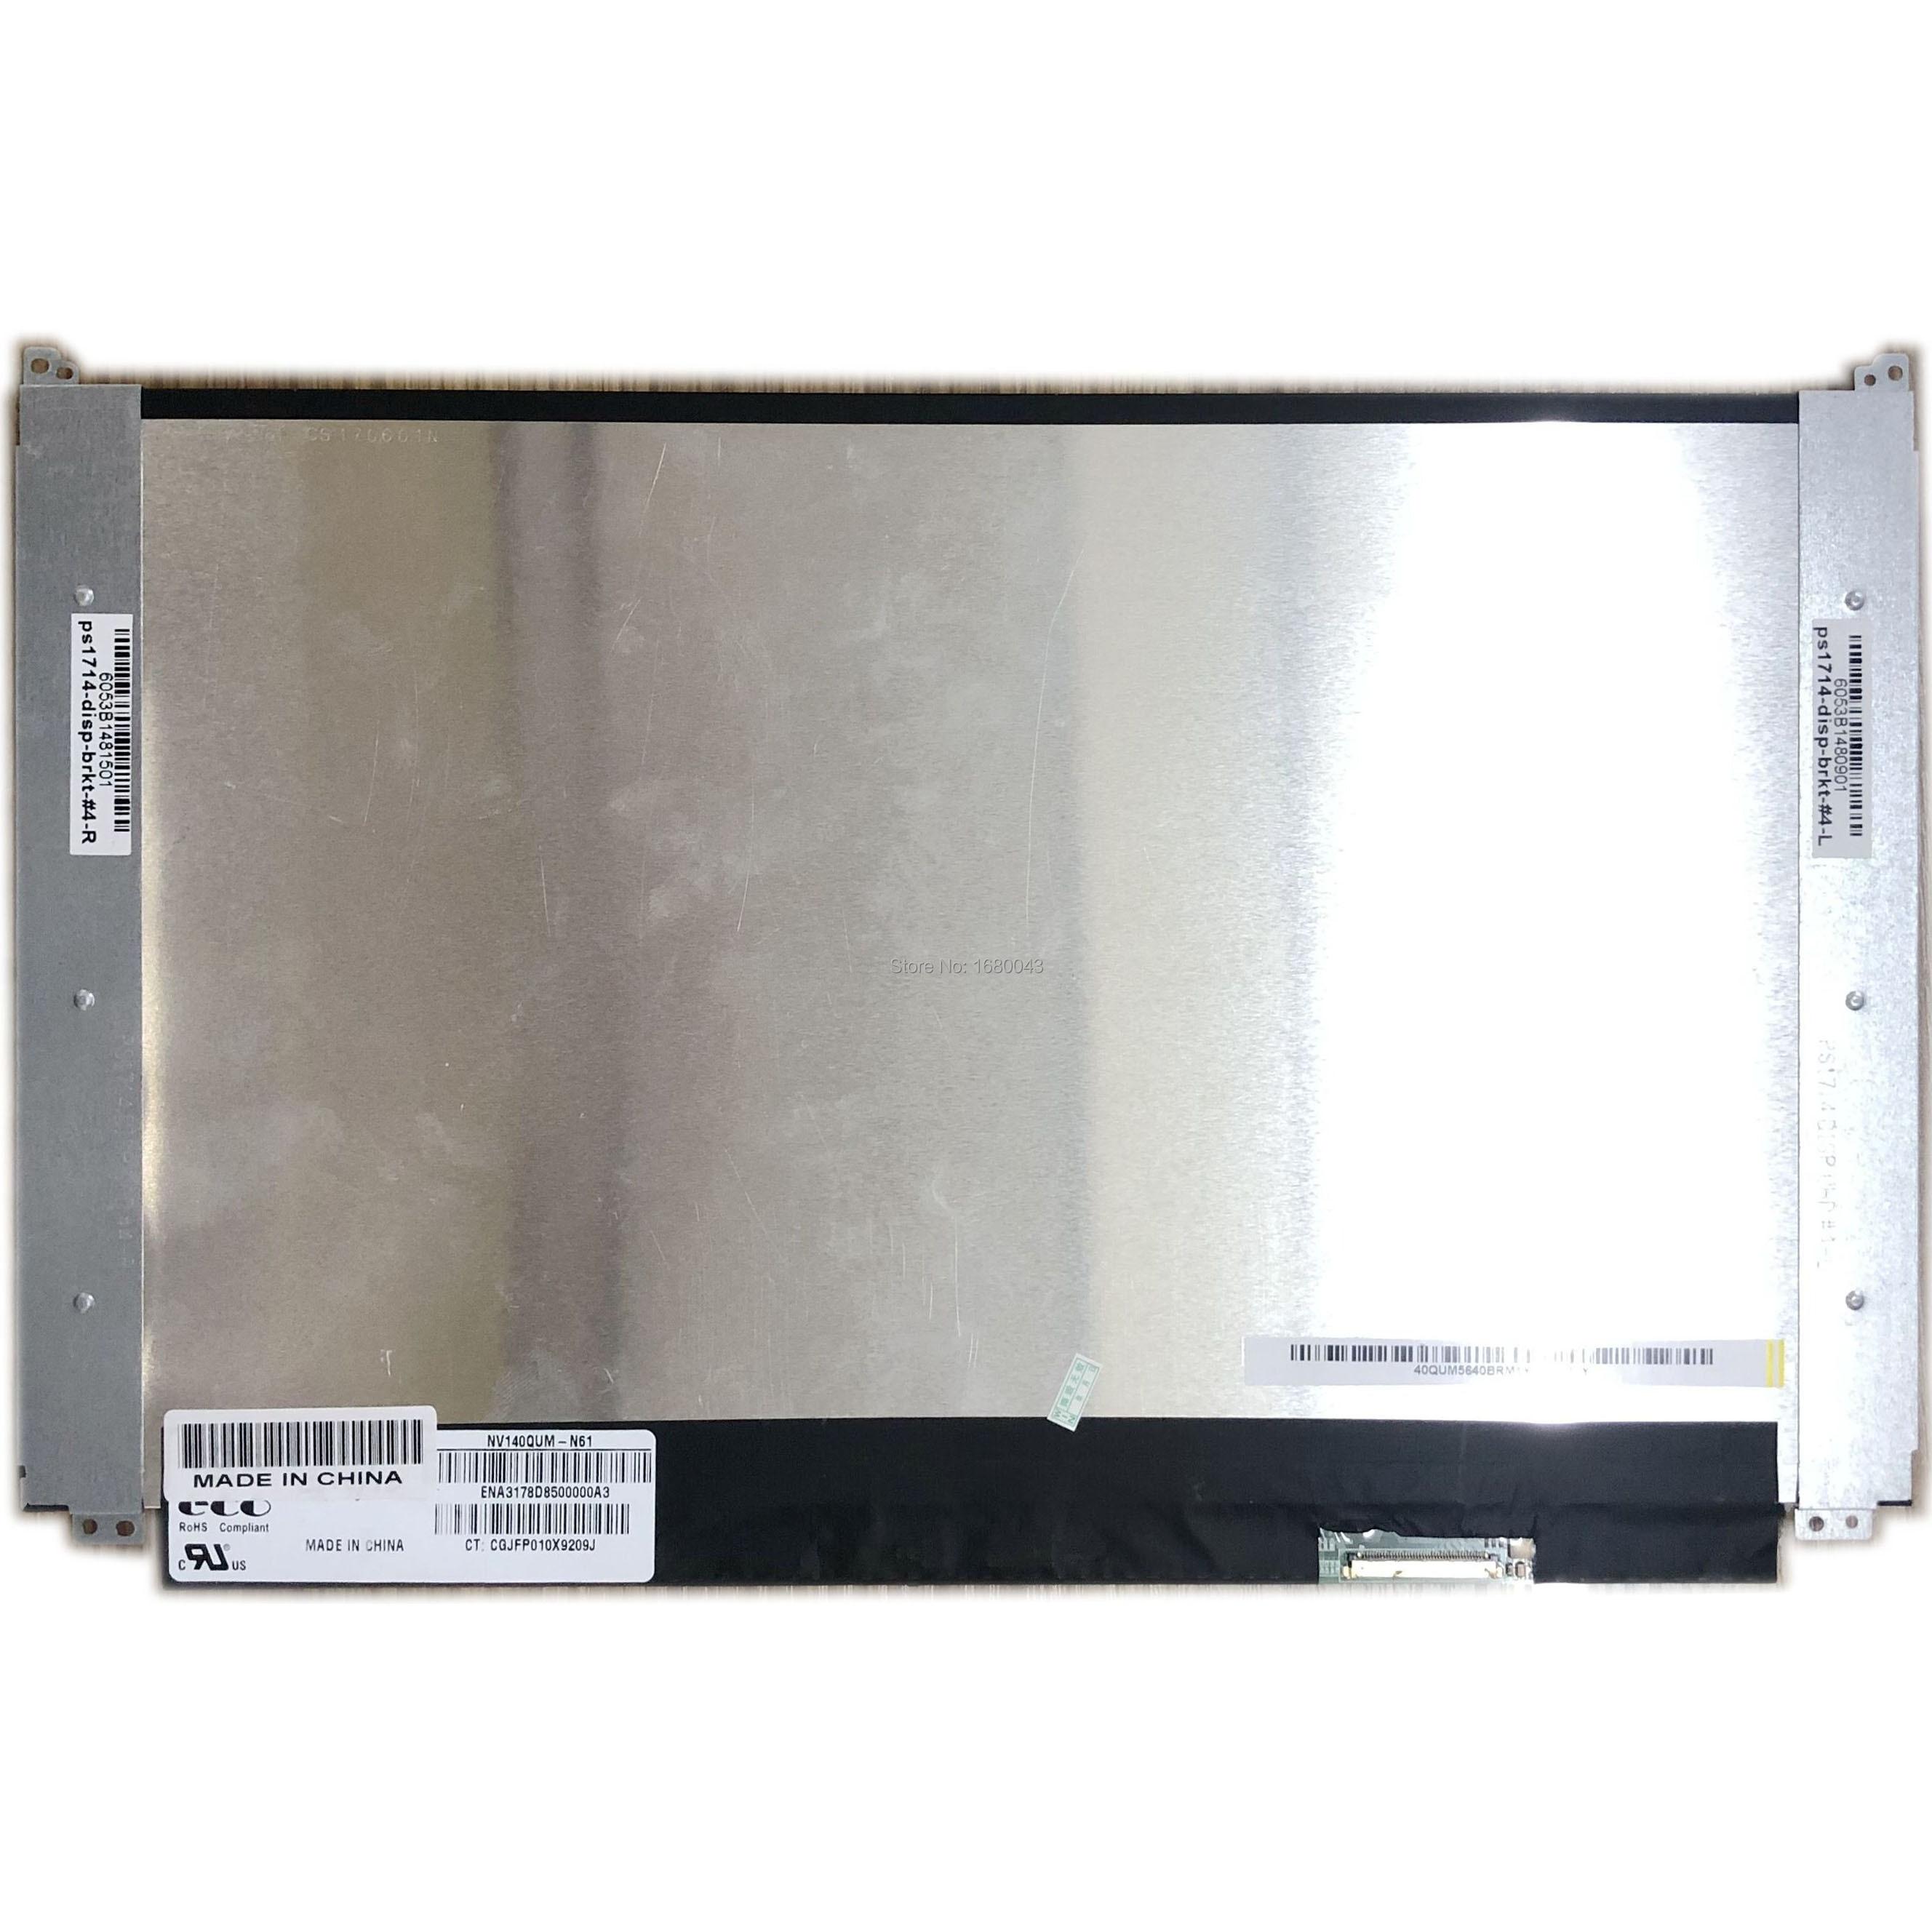 NV140QUM-N61 14LED LCD Screen For 40 pins EDP 3840x2160 Matte 71% NTSC DisplayNV140QUM-N61 14LED LCD Screen For 40 pins EDP 3840x2160 Matte 71% NTSC Display